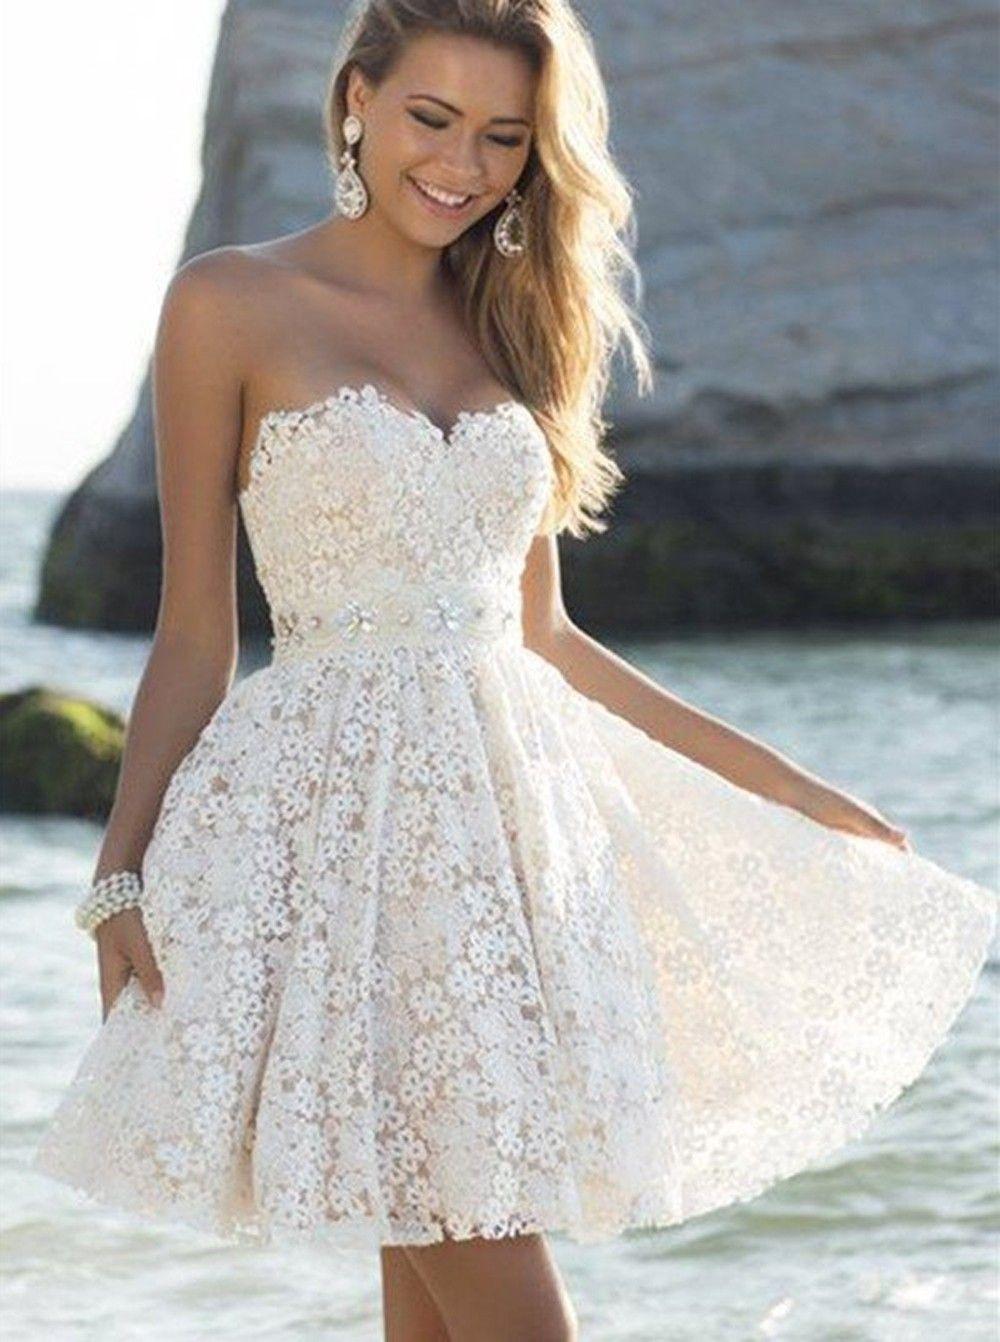 Abend Erstaunlich Kleid Kurz Weiß Spitze für 201915 Fantastisch Kleid Kurz Weiß Spitze Spezialgebiet